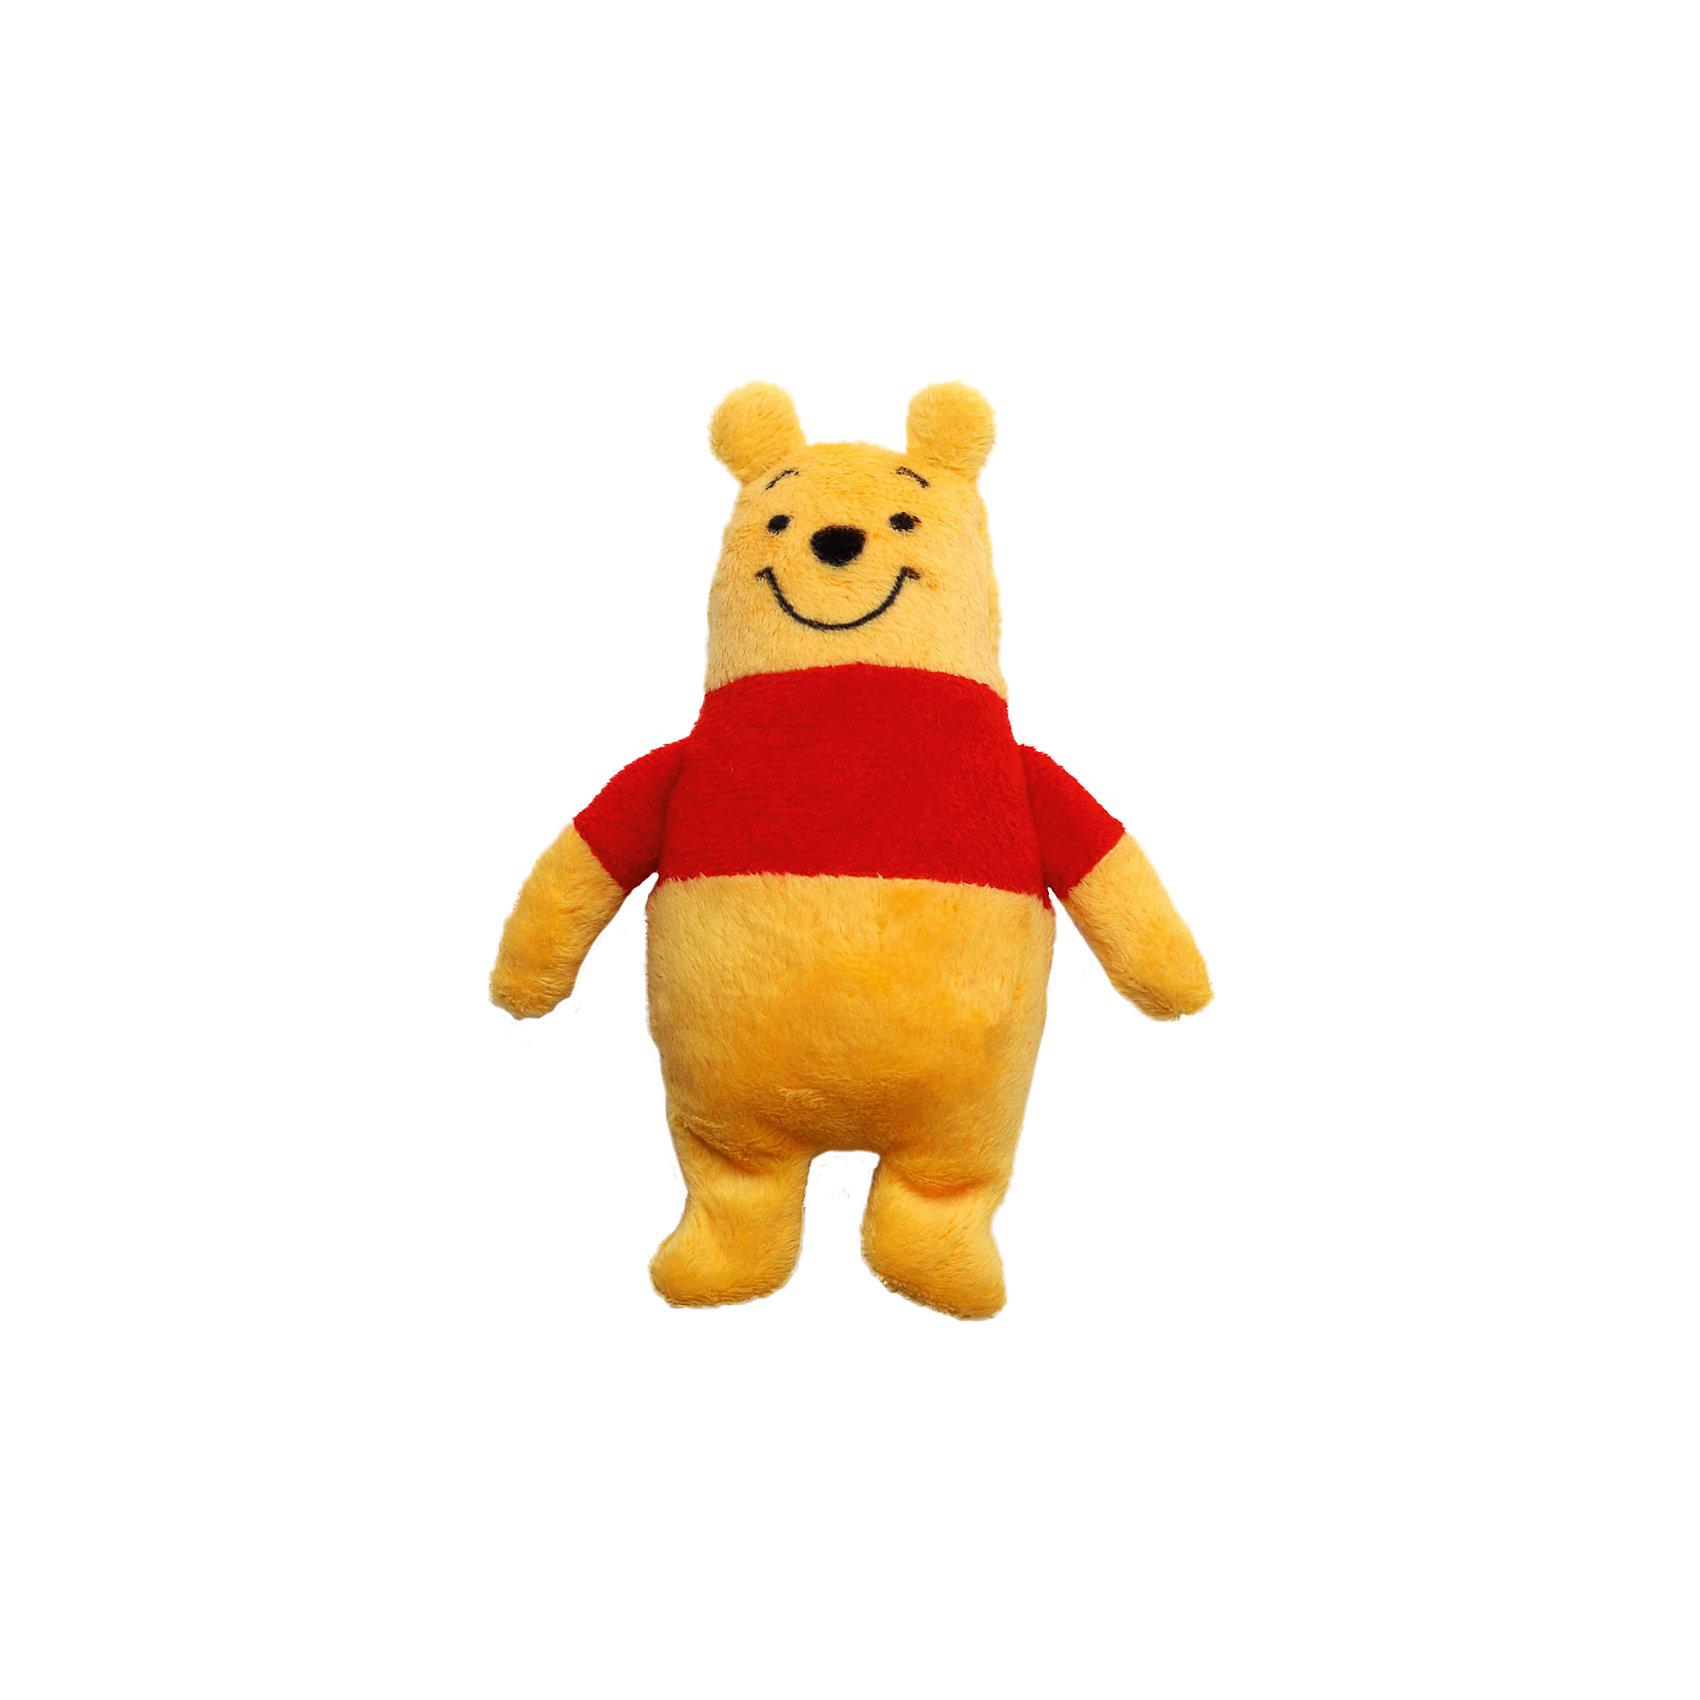 Игрушка для ванной Винни, Disney, 18 смЛюбимые герои<br>Очаровательный медвежонок Винни подарит много улыбок и радости малышам! Купание с любимым героем станет еще приятнее и интереснее. Игрушка выполнена из мягкого плюша, как только медвежонок попадает в воду, он начинает расти, с большой мягкой игрушкой можно играть в течение недели. Постепенно Винни будет уменьшаться, но как только его снова искупаешь, он опять вырастет. <br><br>Дополнительная информация:<br><br>- Материал: плюш, полиуретан.<br>- Размер: 15х23 см.<br><br>Игрушку для ванной Винни, Disney (Дисней), можно купить в нашем магазине.<br><br>Ширина мм: 22<br>Глубина мм: 146<br>Высота мм: 230<br>Вес г: 45<br>Возраст от месяцев: 36<br>Возраст до месяцев: 72<br>Пол: Унисекс<br>Возраст: Детский<br>SKU: 4219371